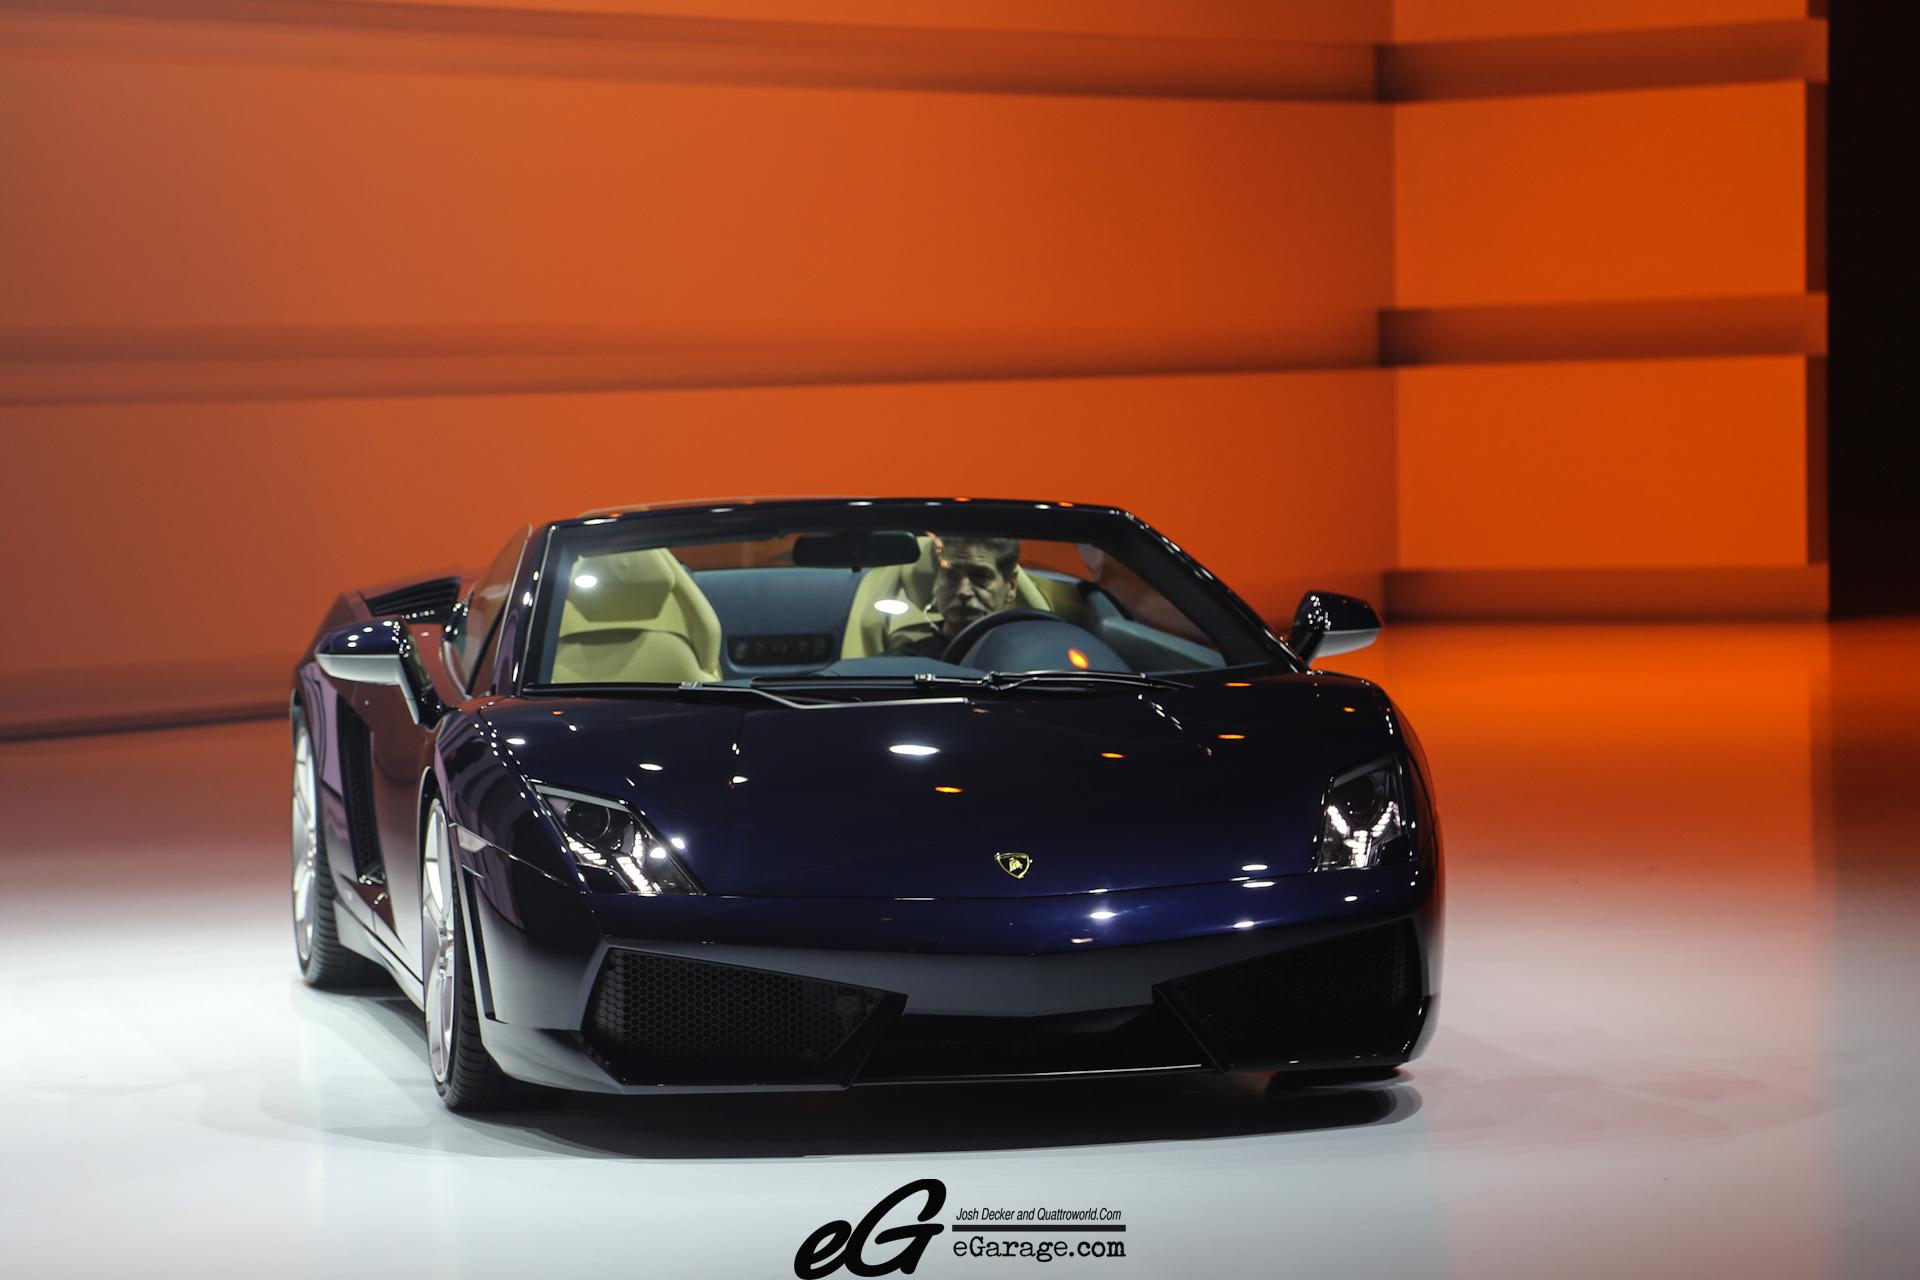 8030388237 2952a5fa31 o 2012 Paris Motor Show